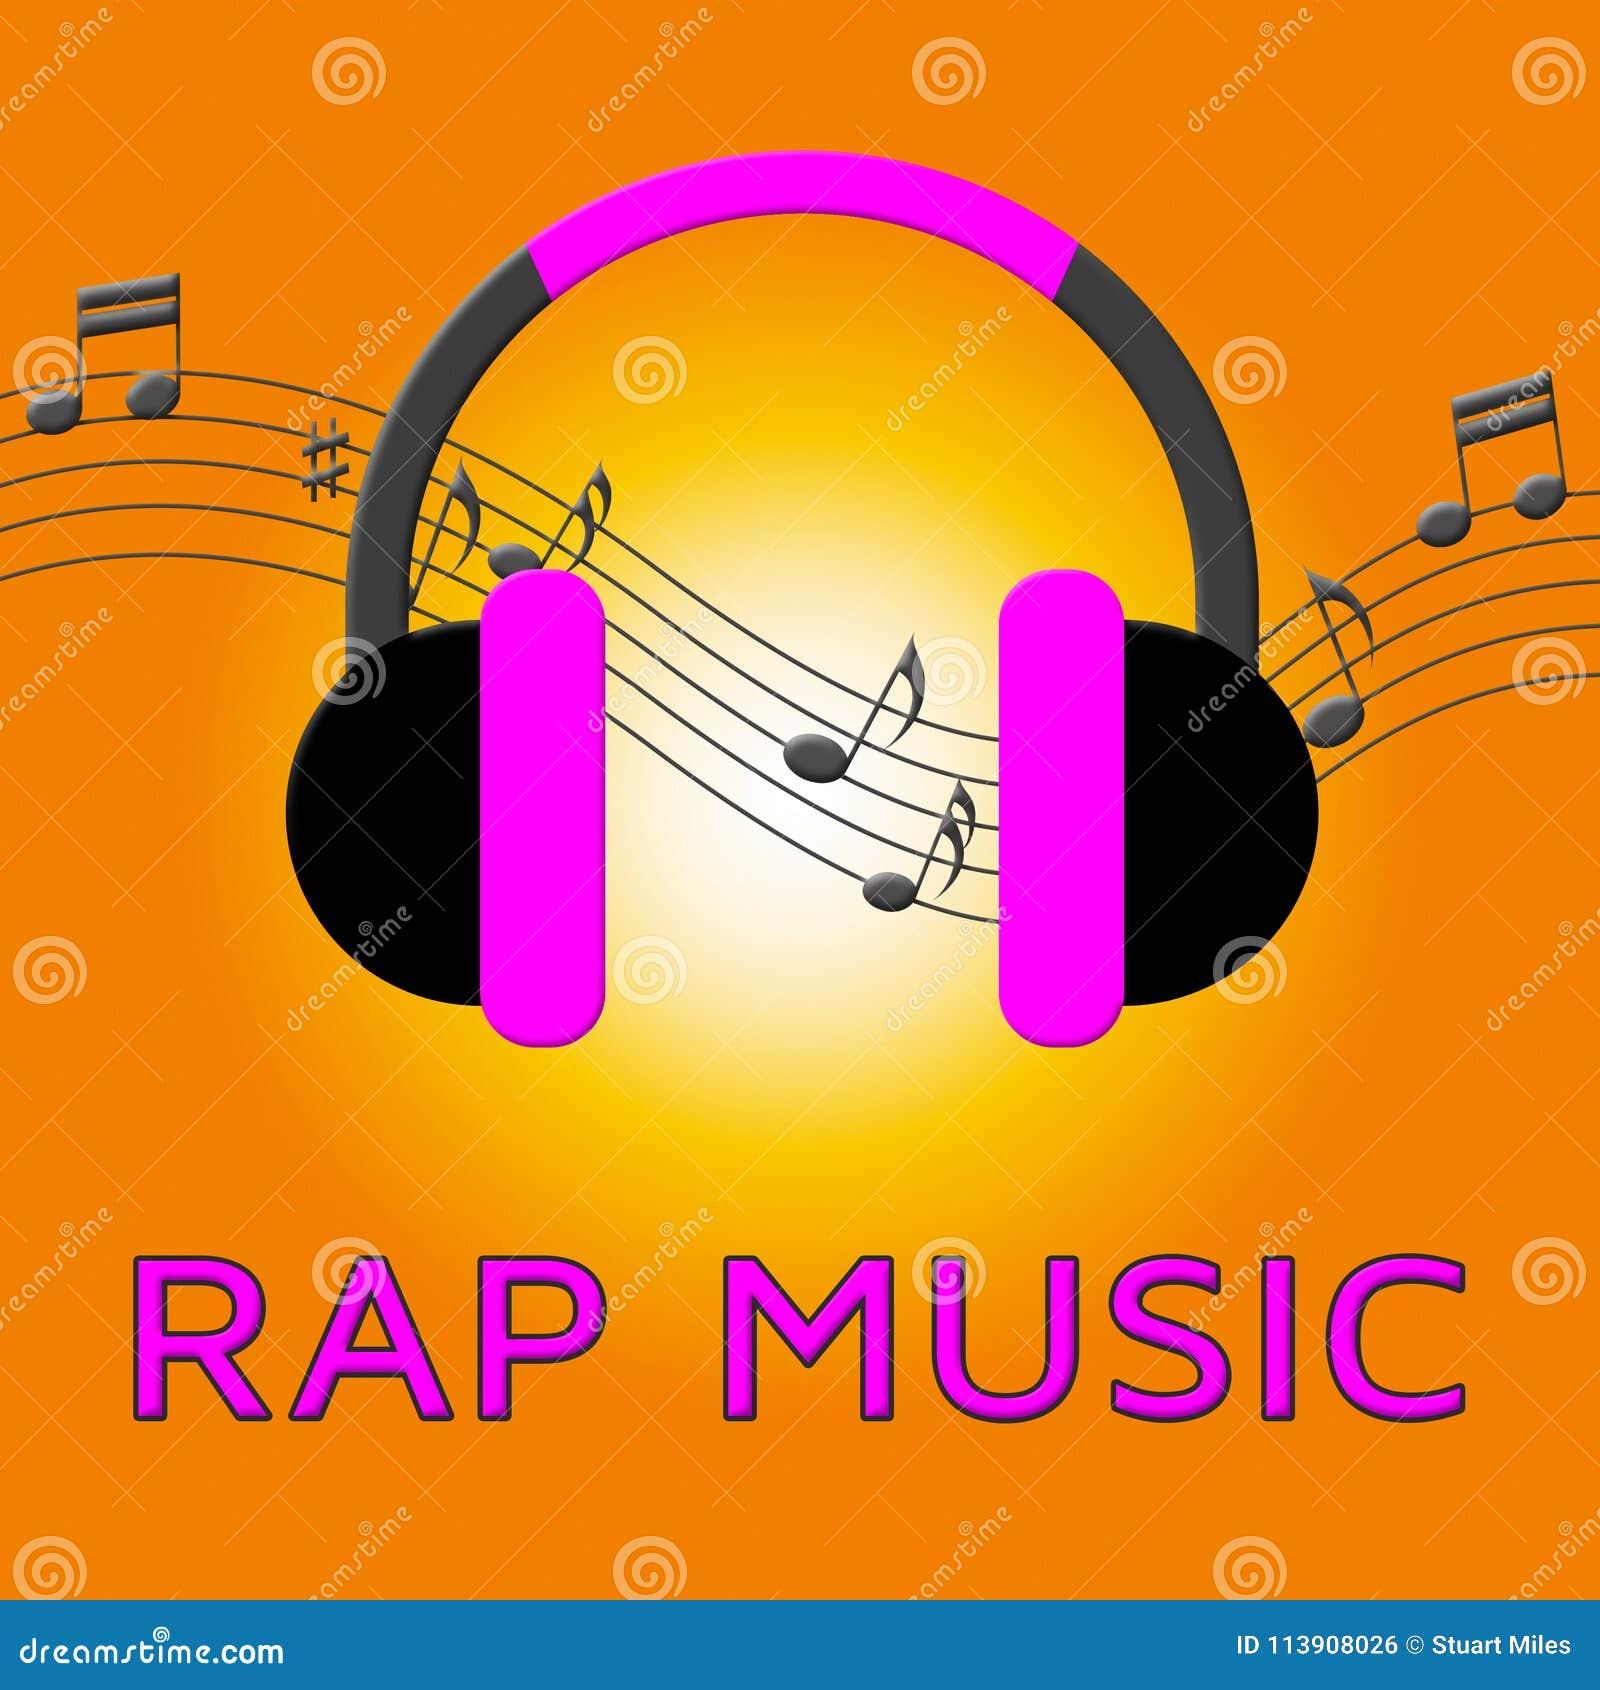 Rap Music Means Spoken Songs 3d Illustration Stock